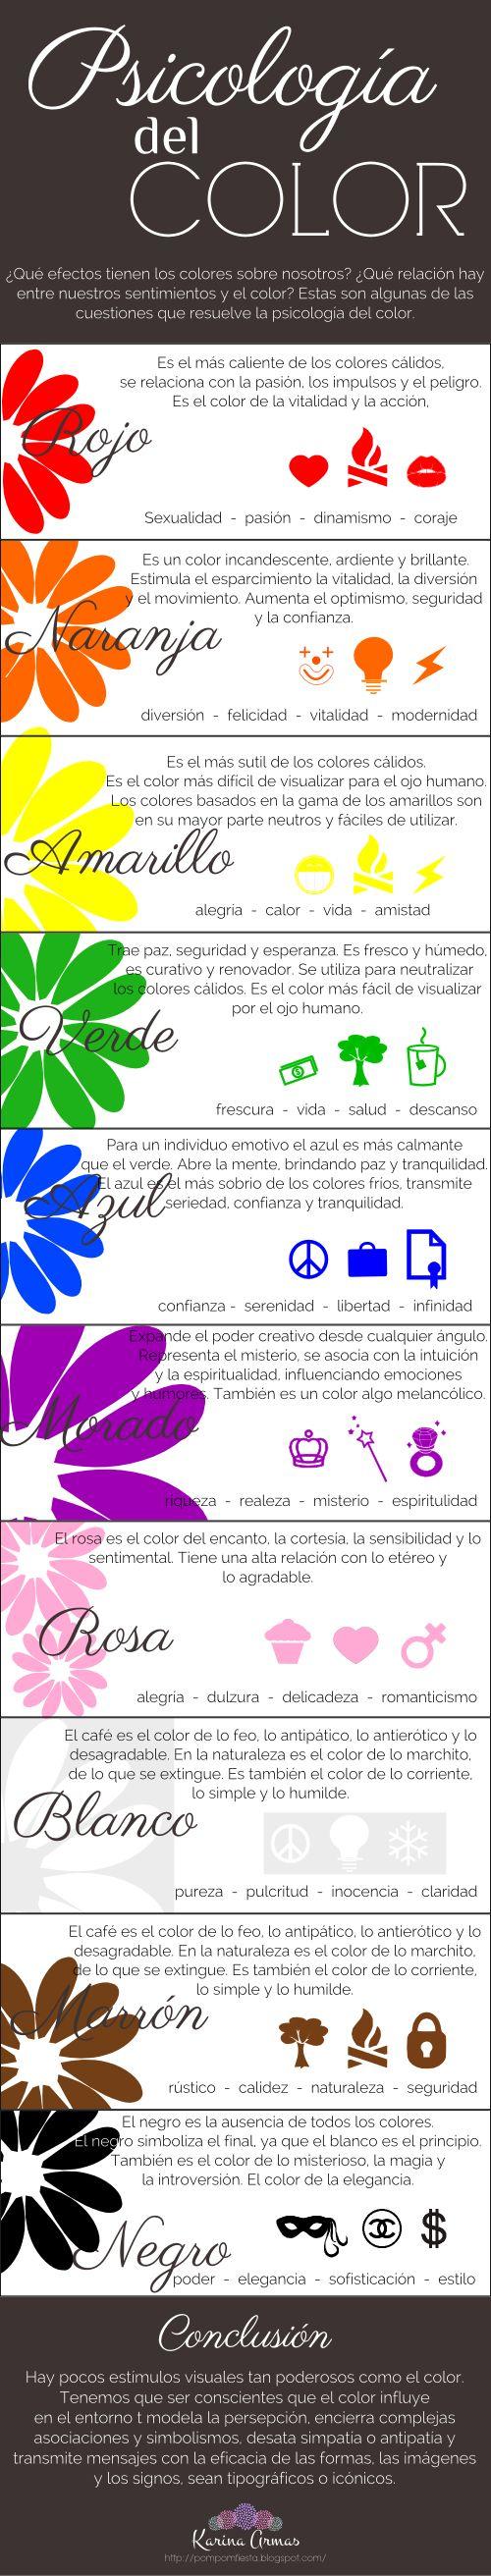 www.efecto-mariposa.es